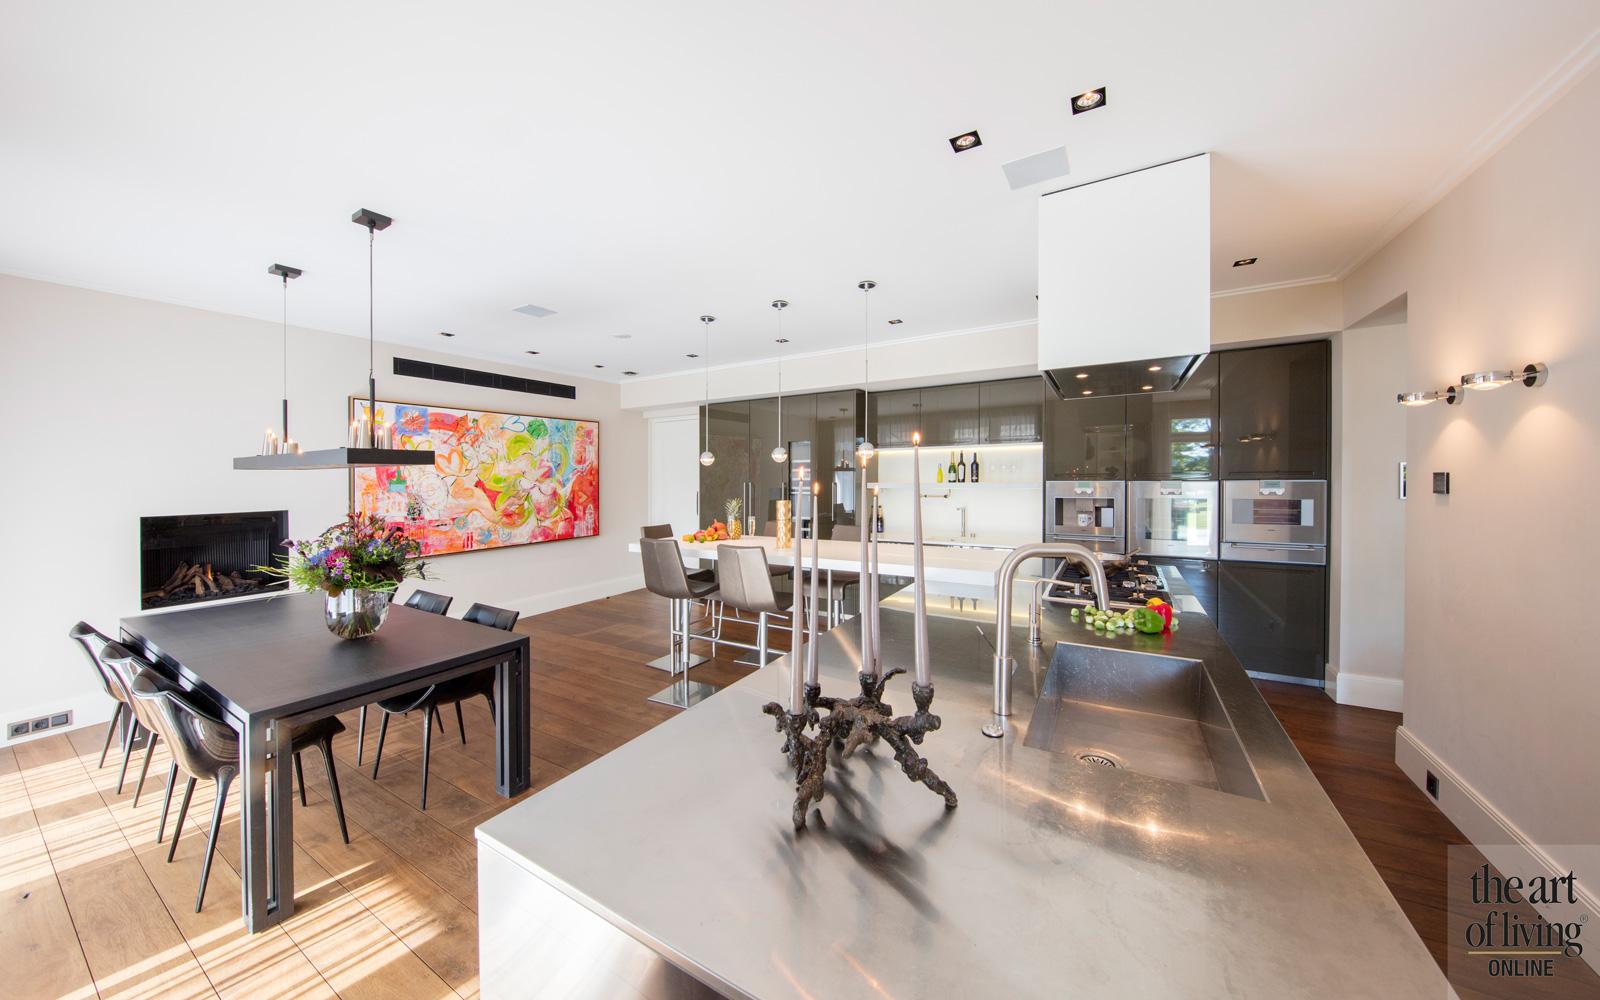 Keuken met haard van Boley, Versteegh Design